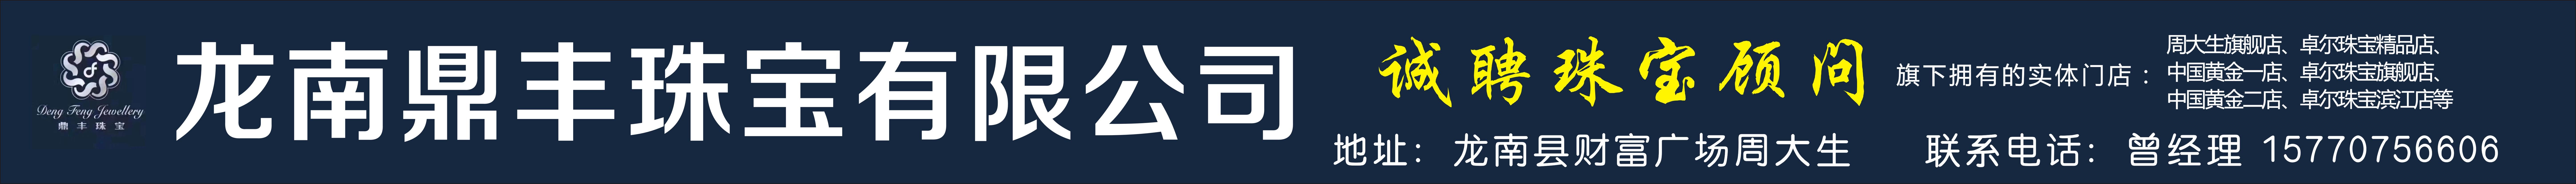 龍南鼎豐珠寶有限公司